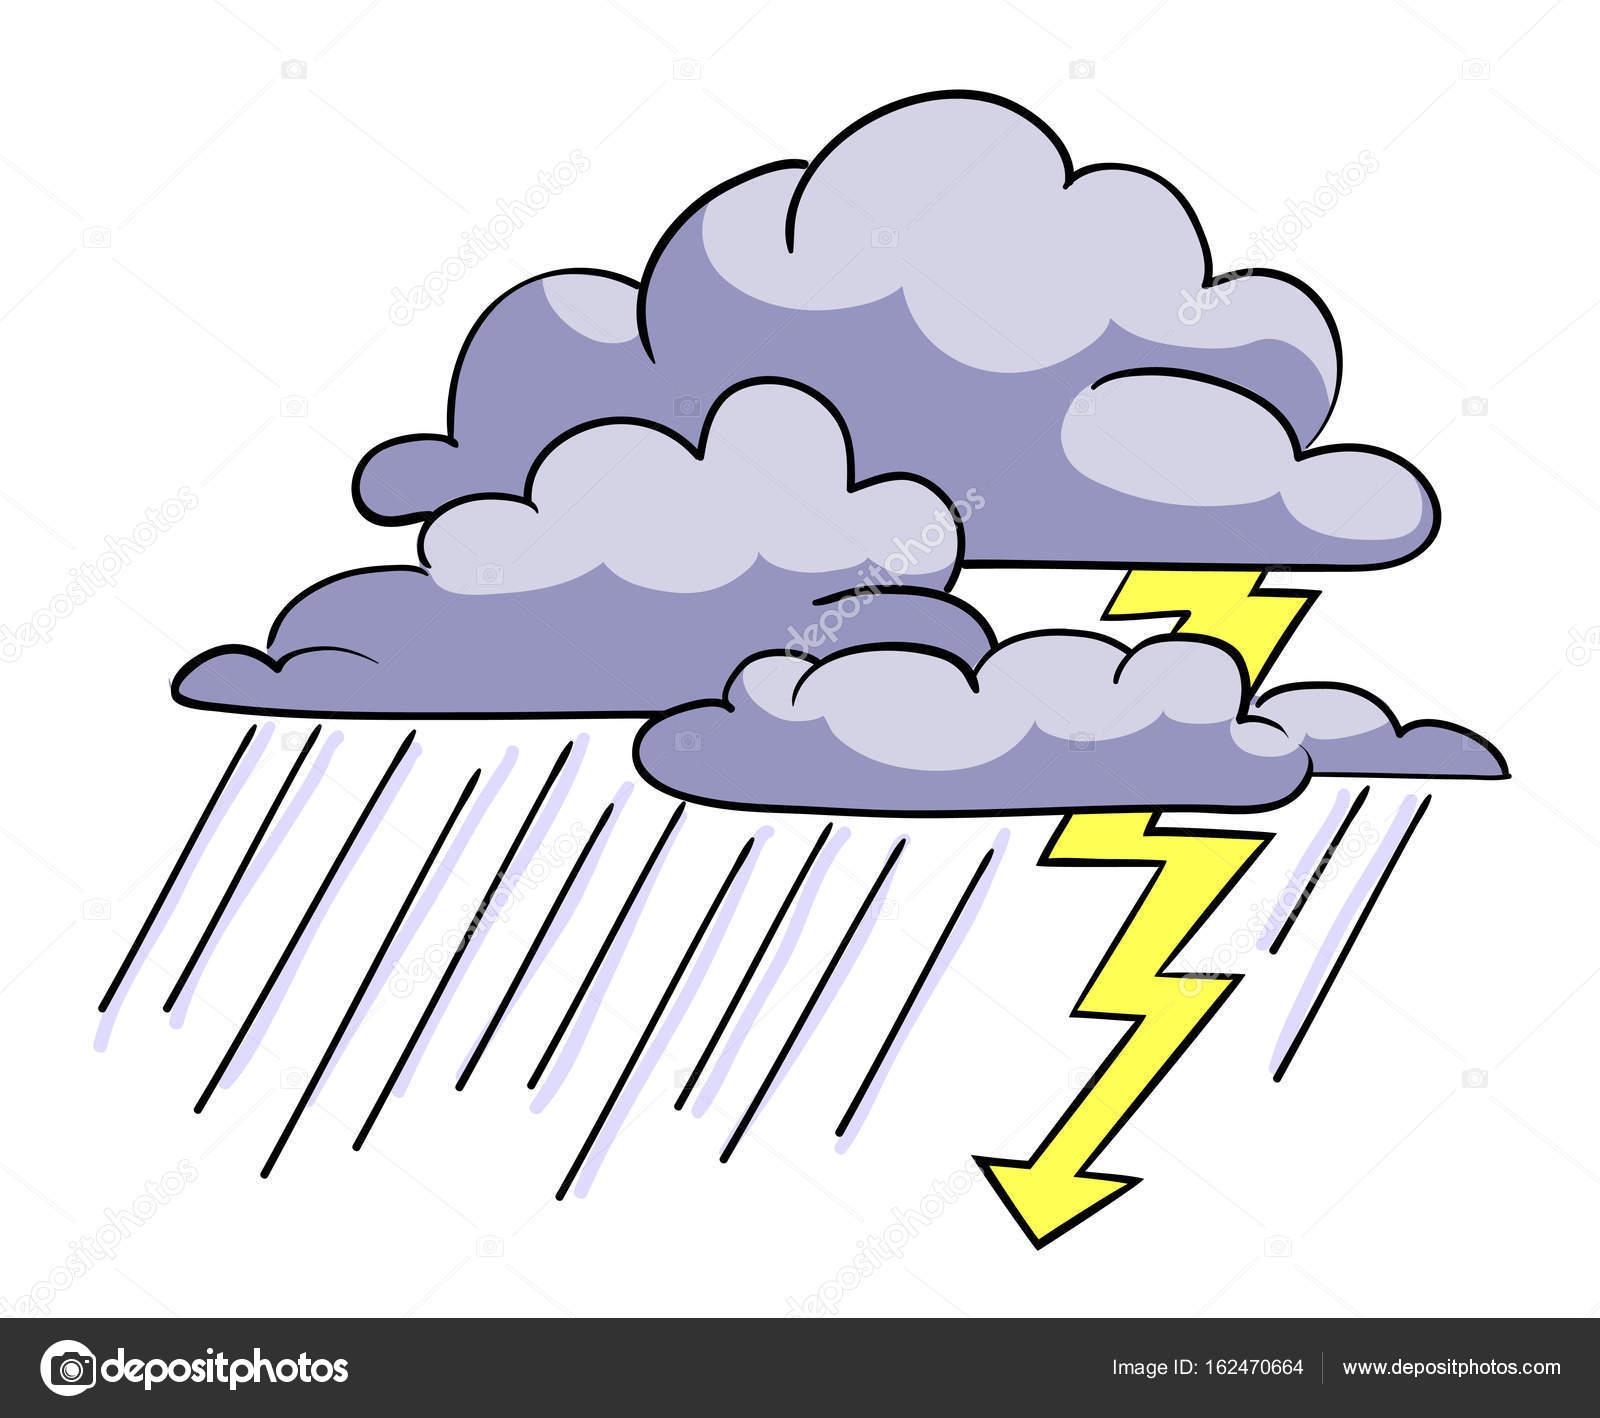 嵐アイコンの漫画のイメージ暴風雨のシンボル ストックベクター